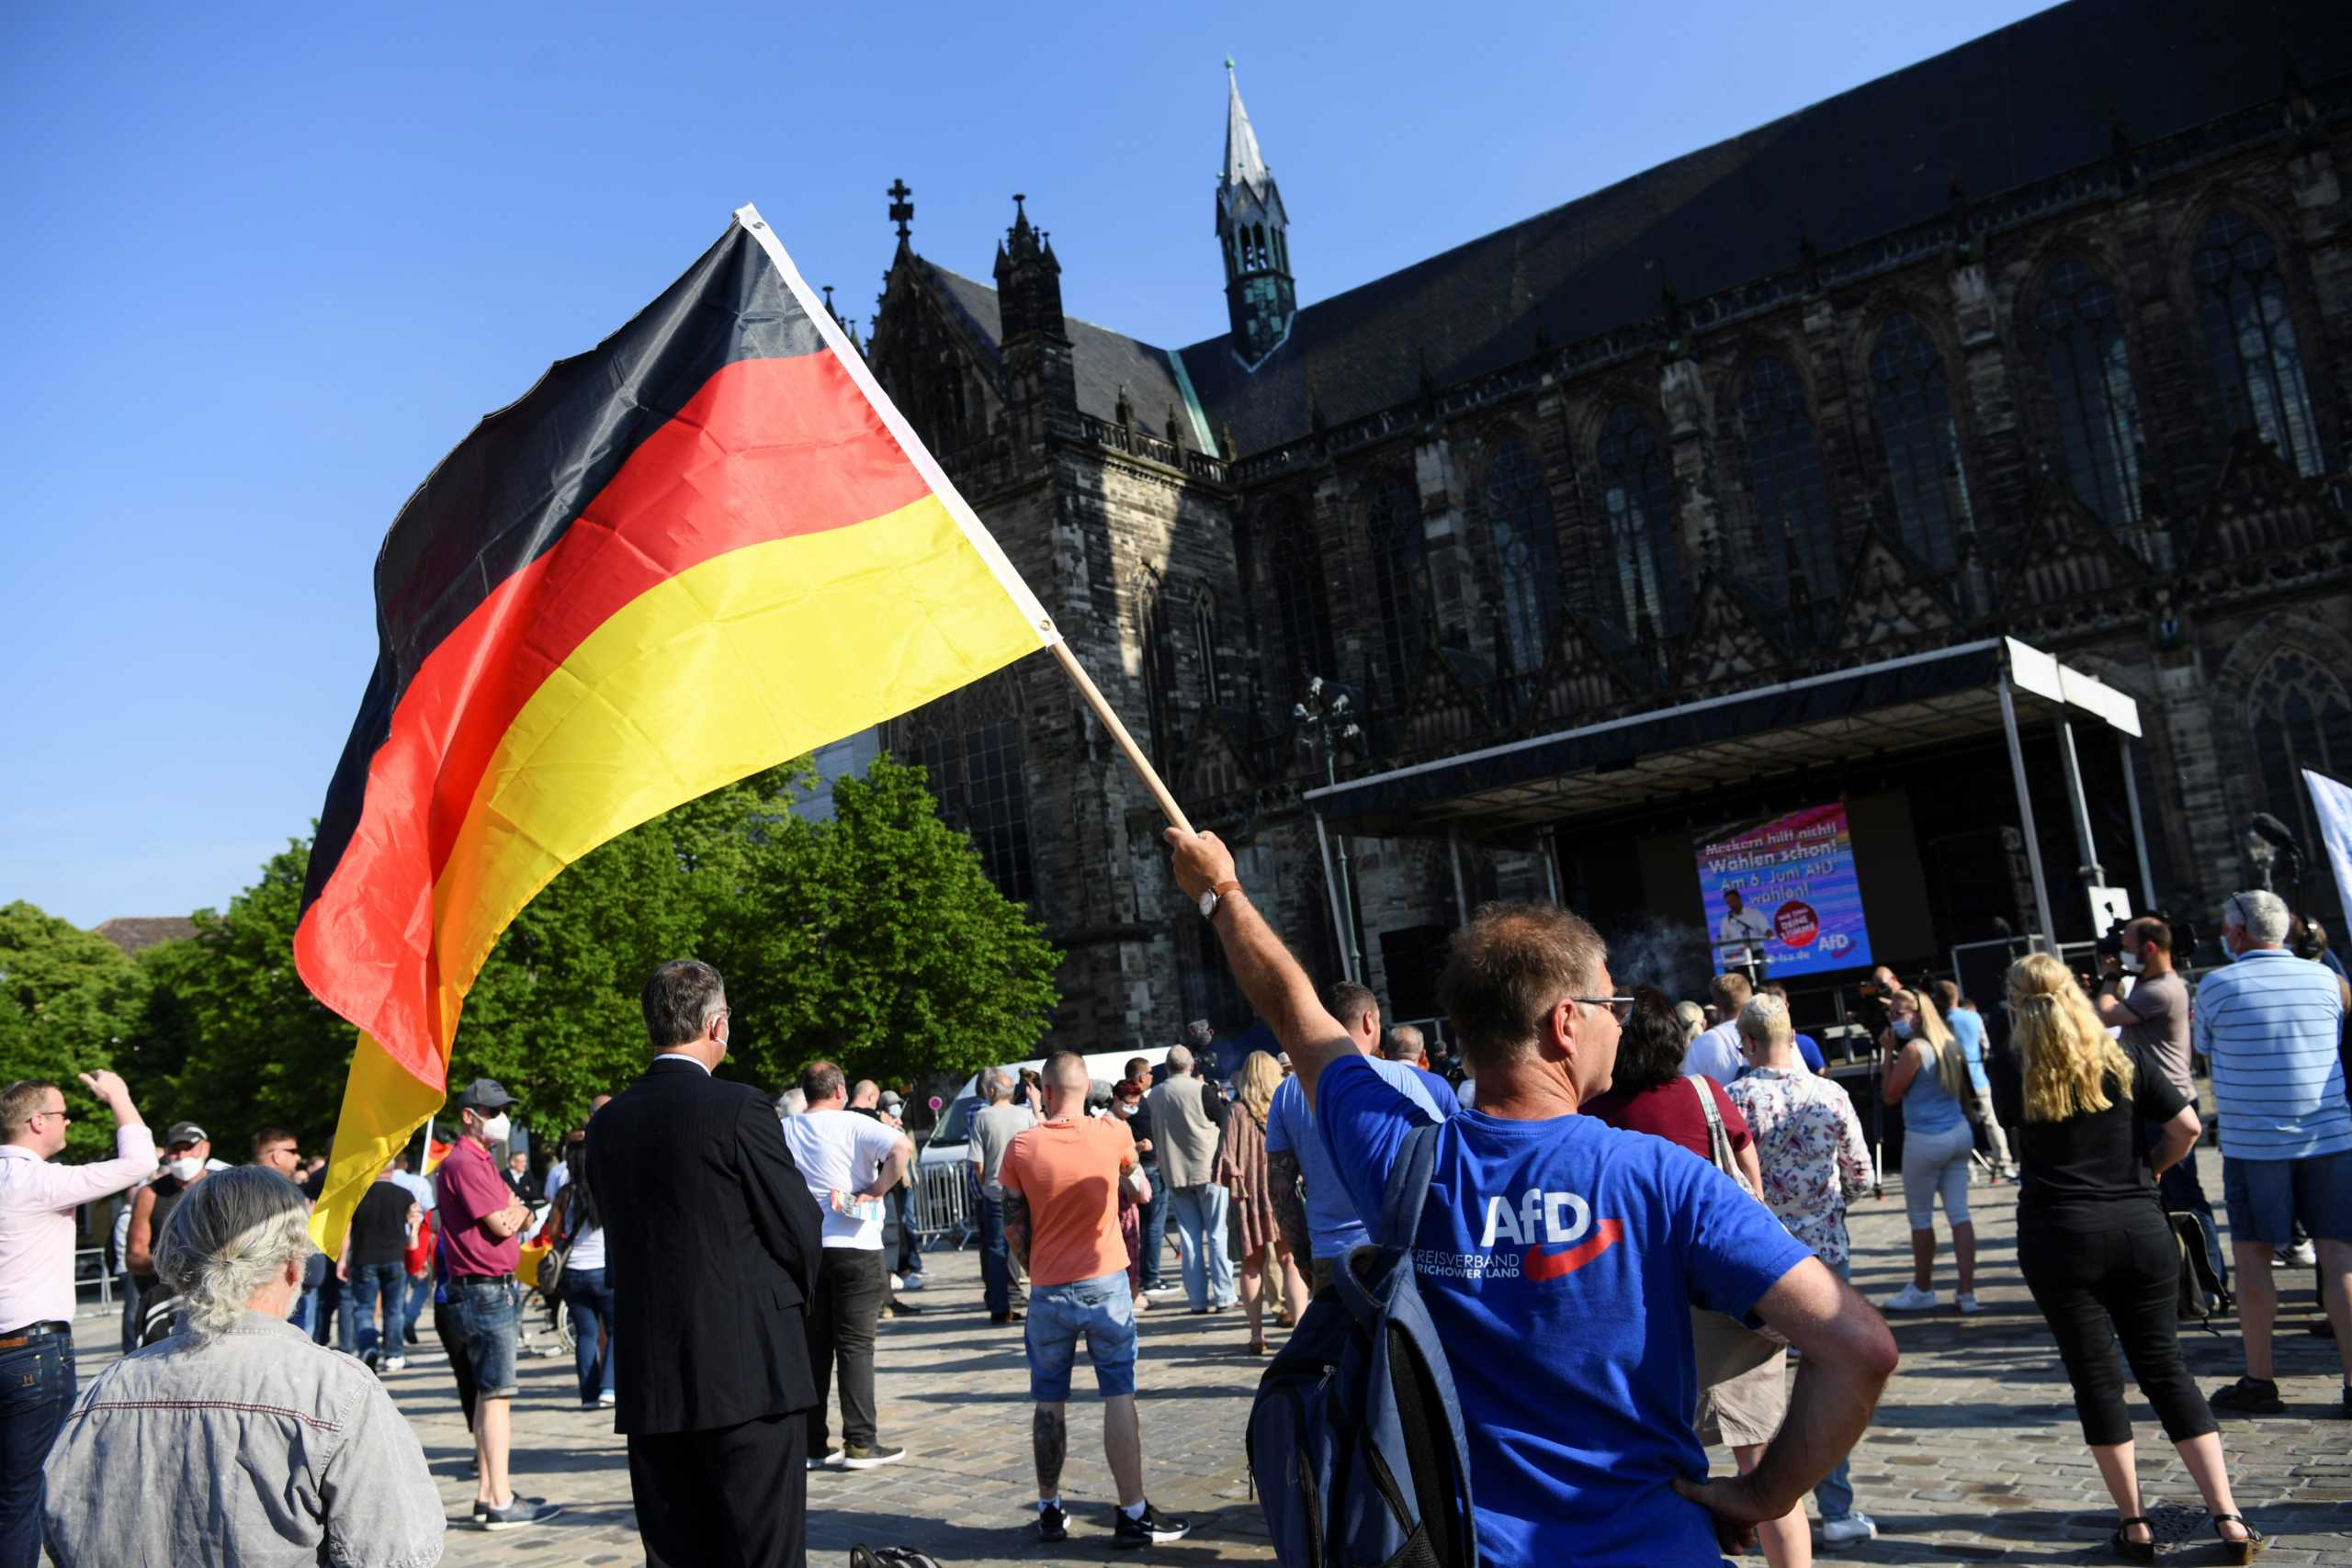 Γερμανία: Κρίσιμη εκλογική αναμέτρηση CDU και AfD στην Σαξονία – Άνχαλτ